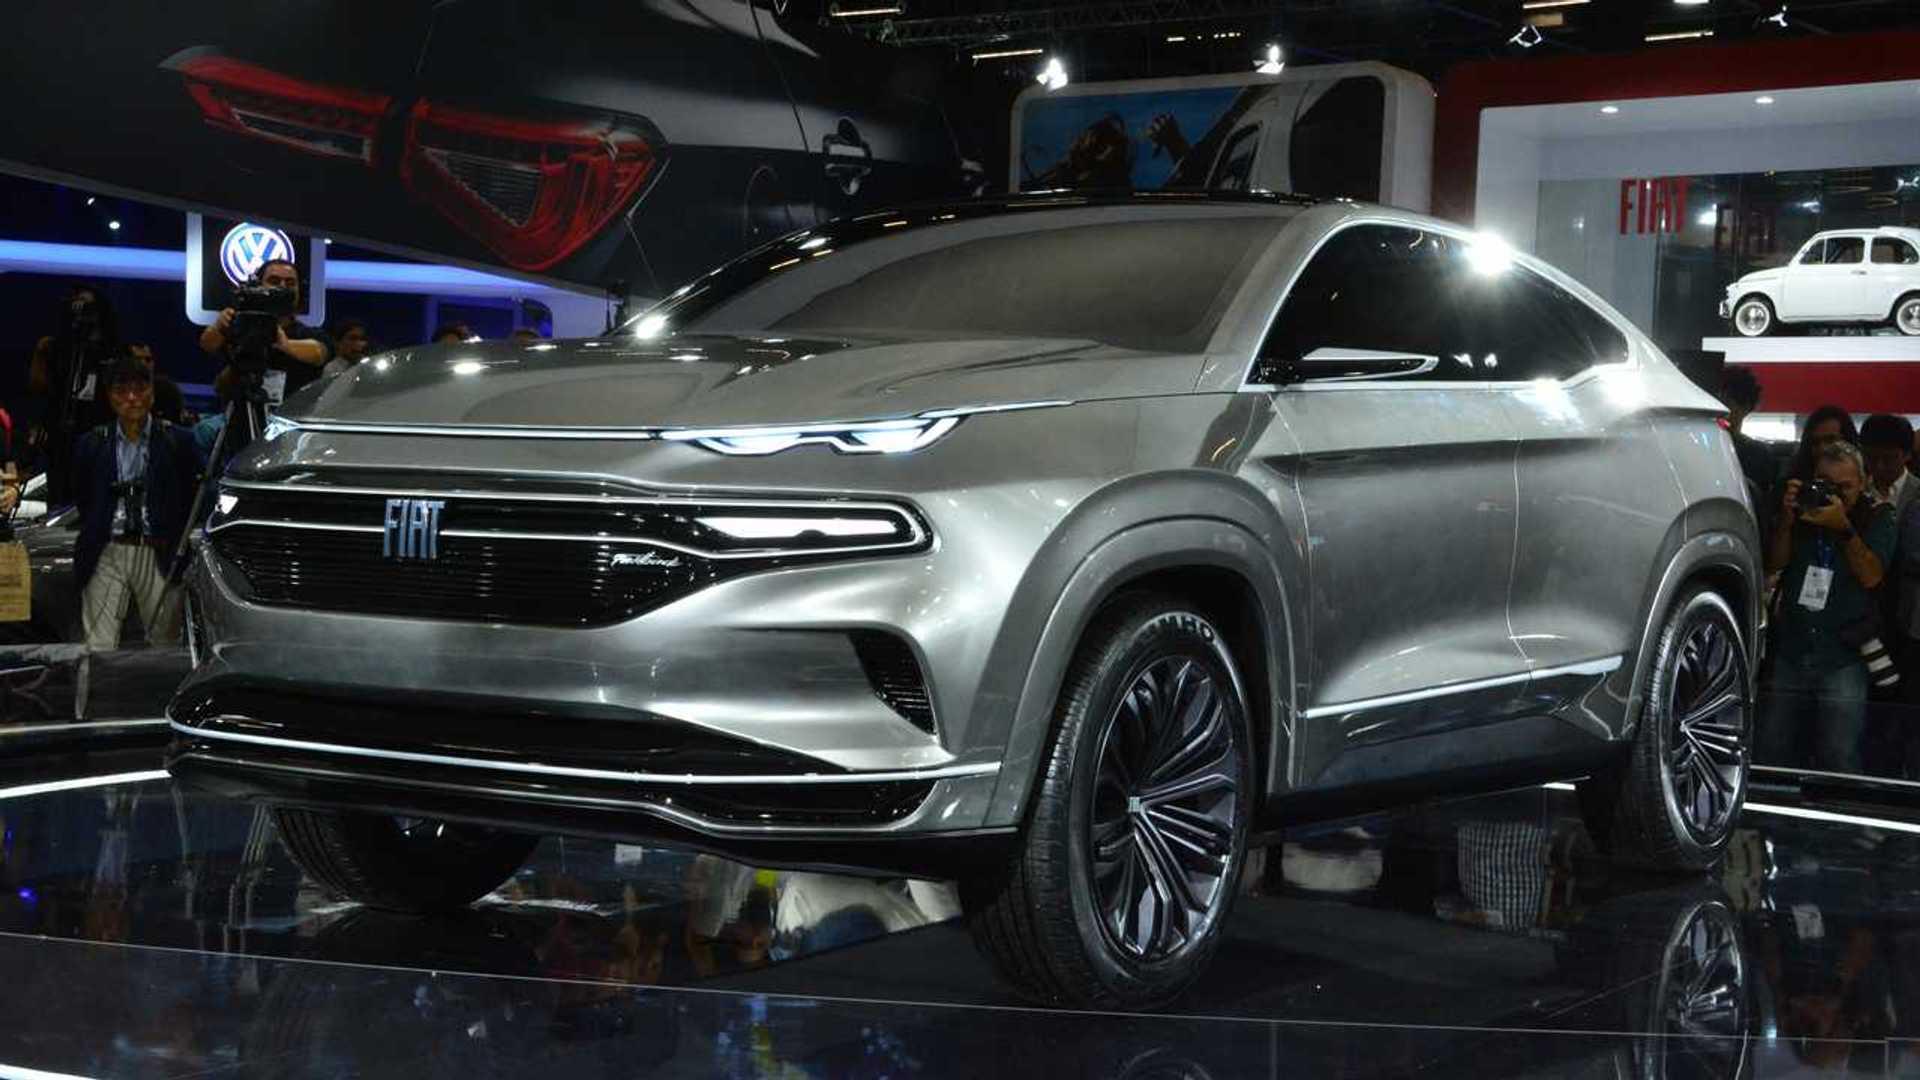 Bildergebnis für Fiat Fastback Concept 2019-2020